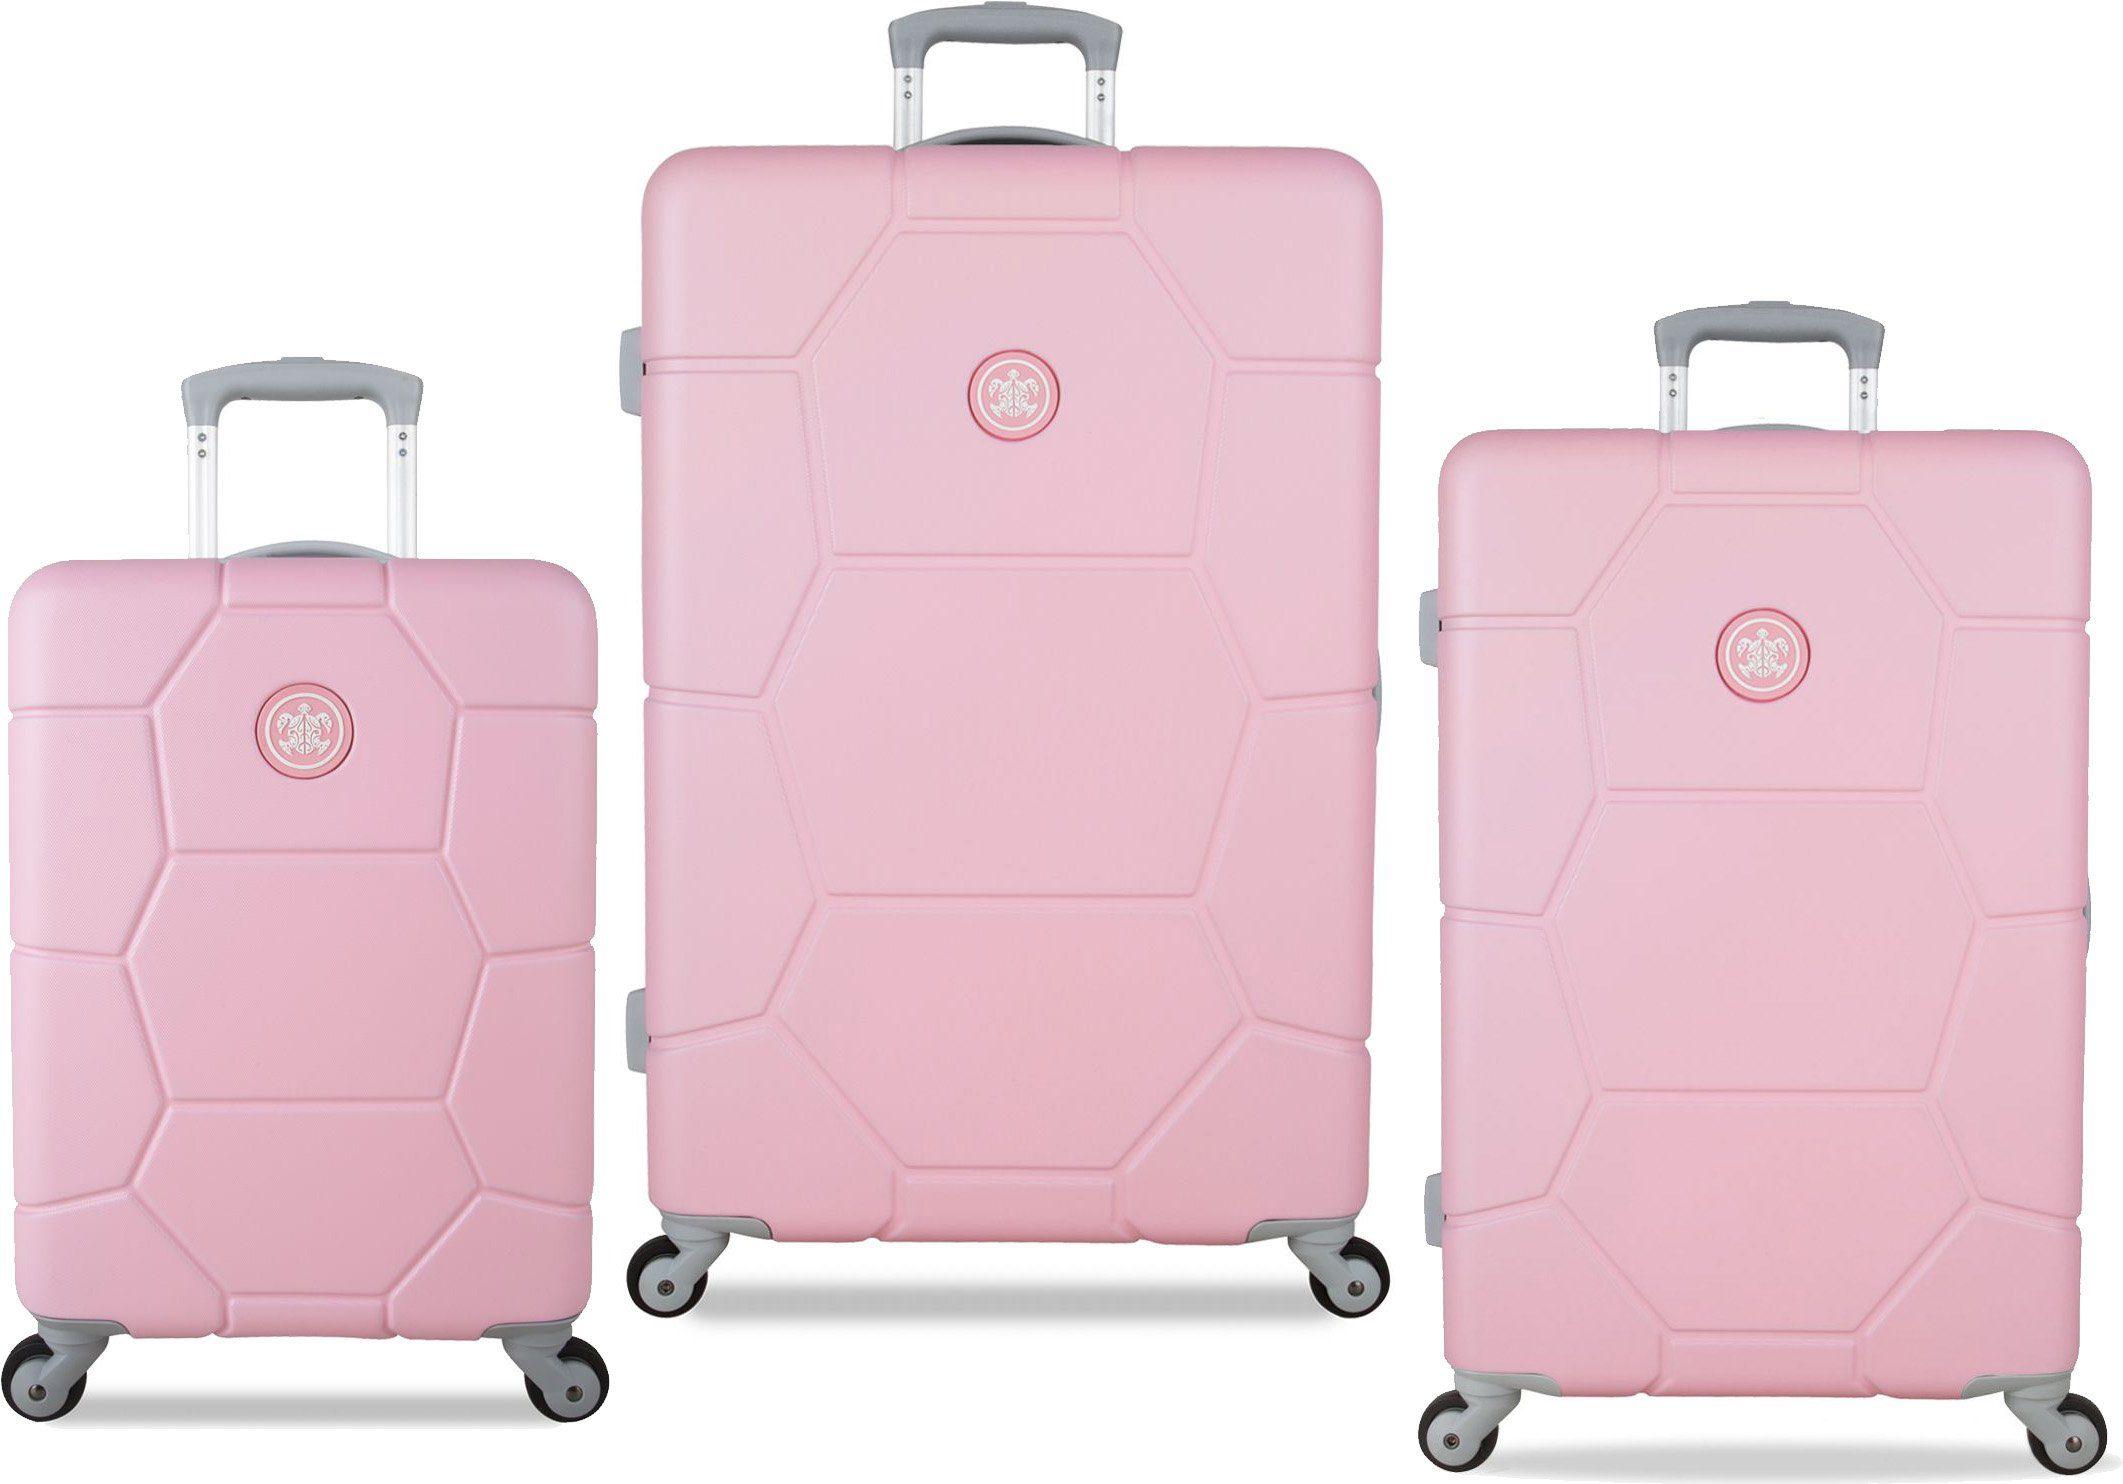 SUITSUIT® Hartschalentrolley Set mit 4 Rollen, 3-tlg., »Caretta Pink Lady«